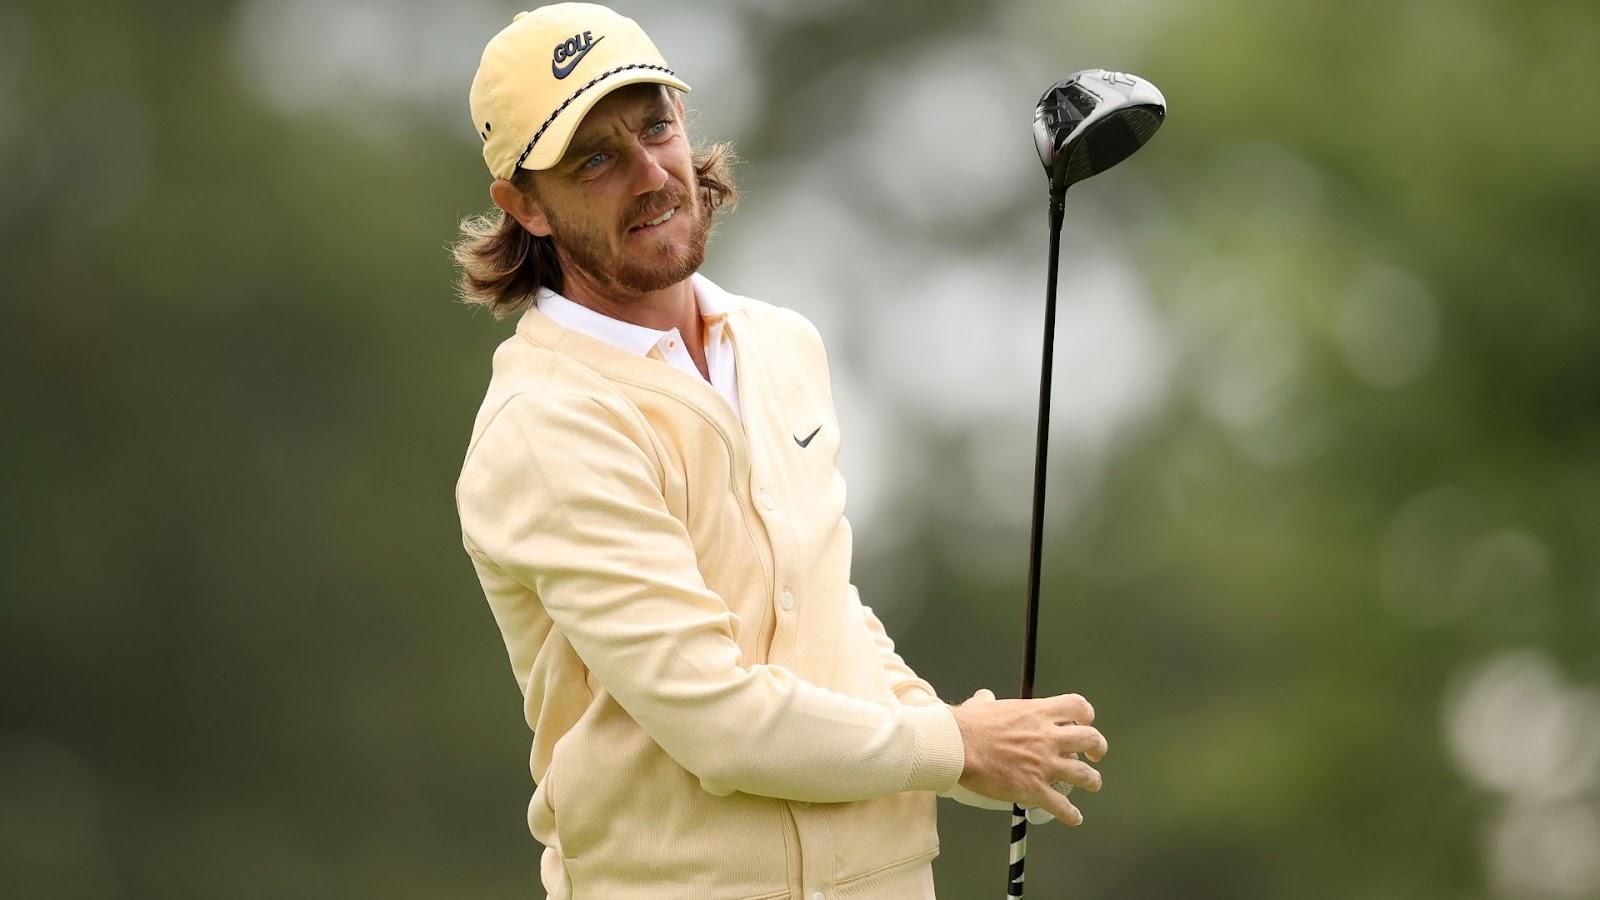 Phong cách của Tommy có thể nói là độc nhất vô nhị trong thế giới golf.